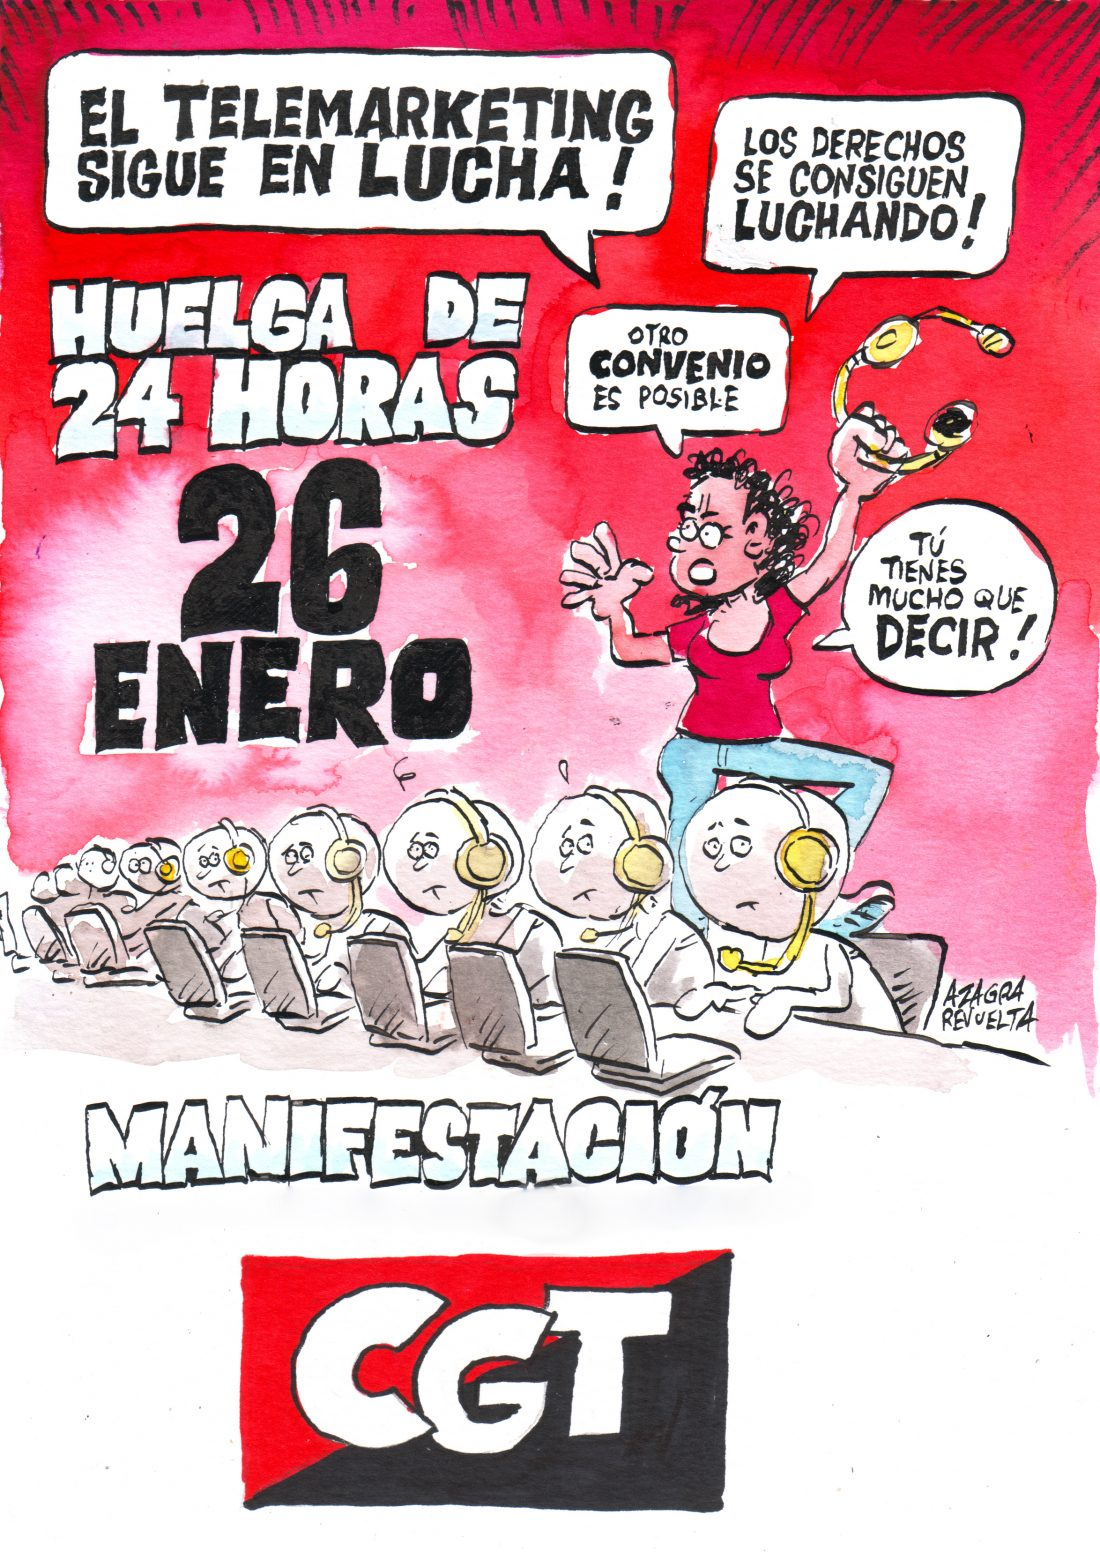 Más de cien mil trabajadores en todo el Estado, convocados a la huelga del Contact Center este jueves 26 de enero